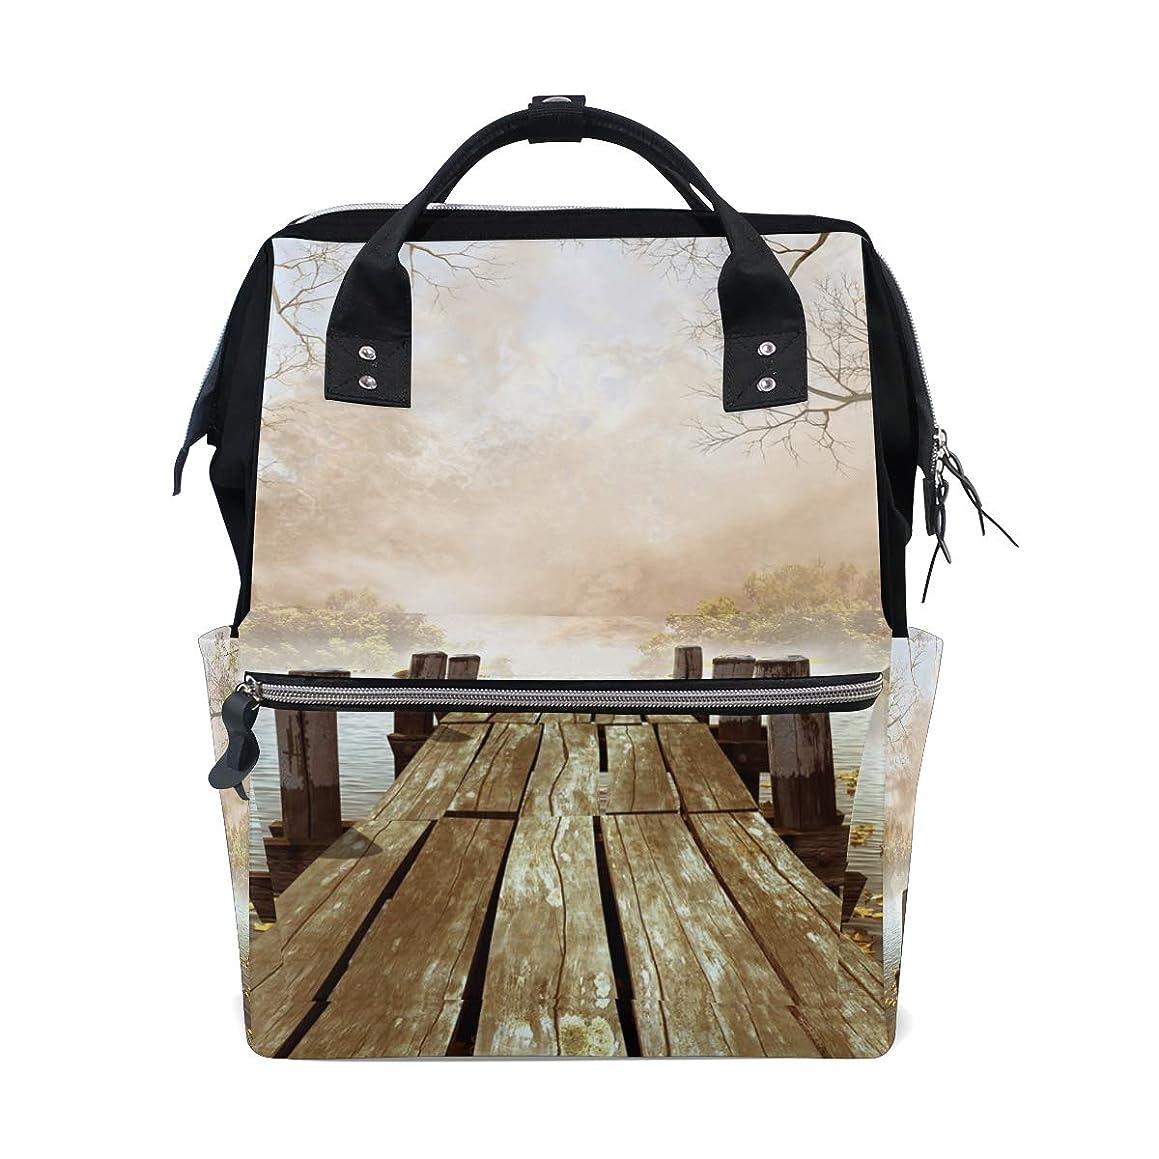 Wooden Bridge River School Backpack Large Capacity Mummy Bags Laptop Handbag Casual Travel Rucksack Satchel For Women Men Adult Teen Children